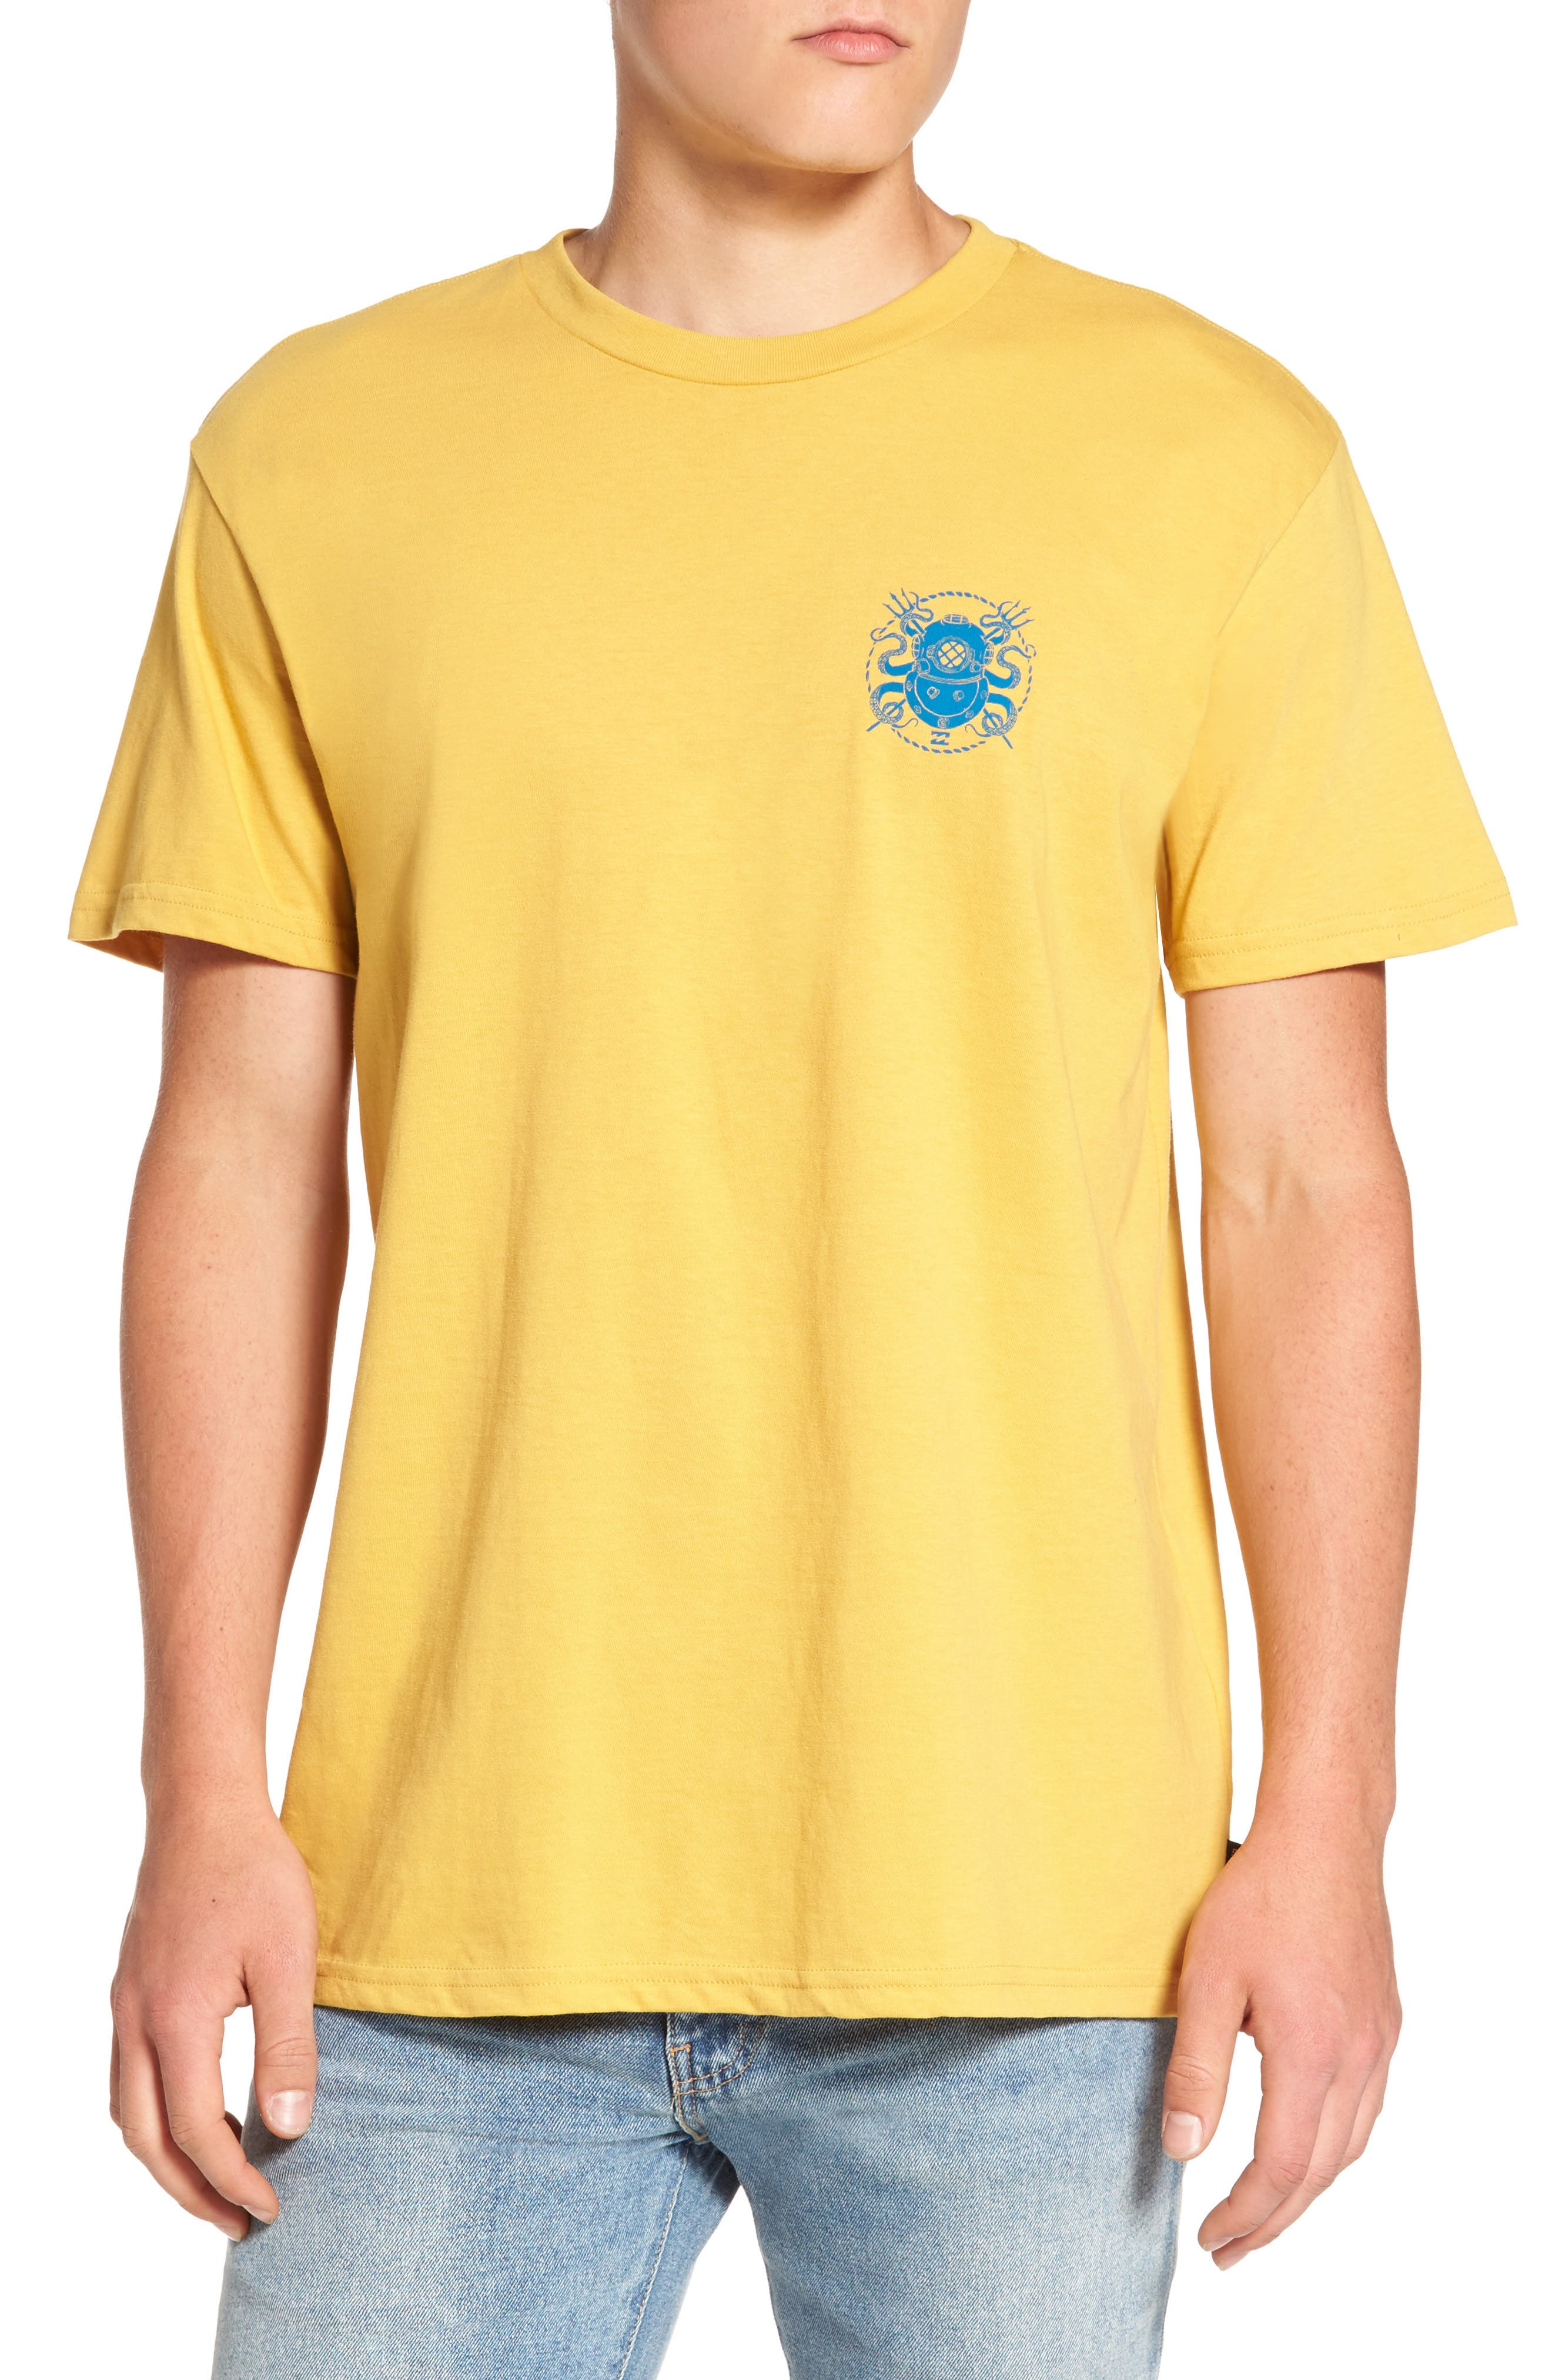 Billabong Diver Graphic T-Shirt